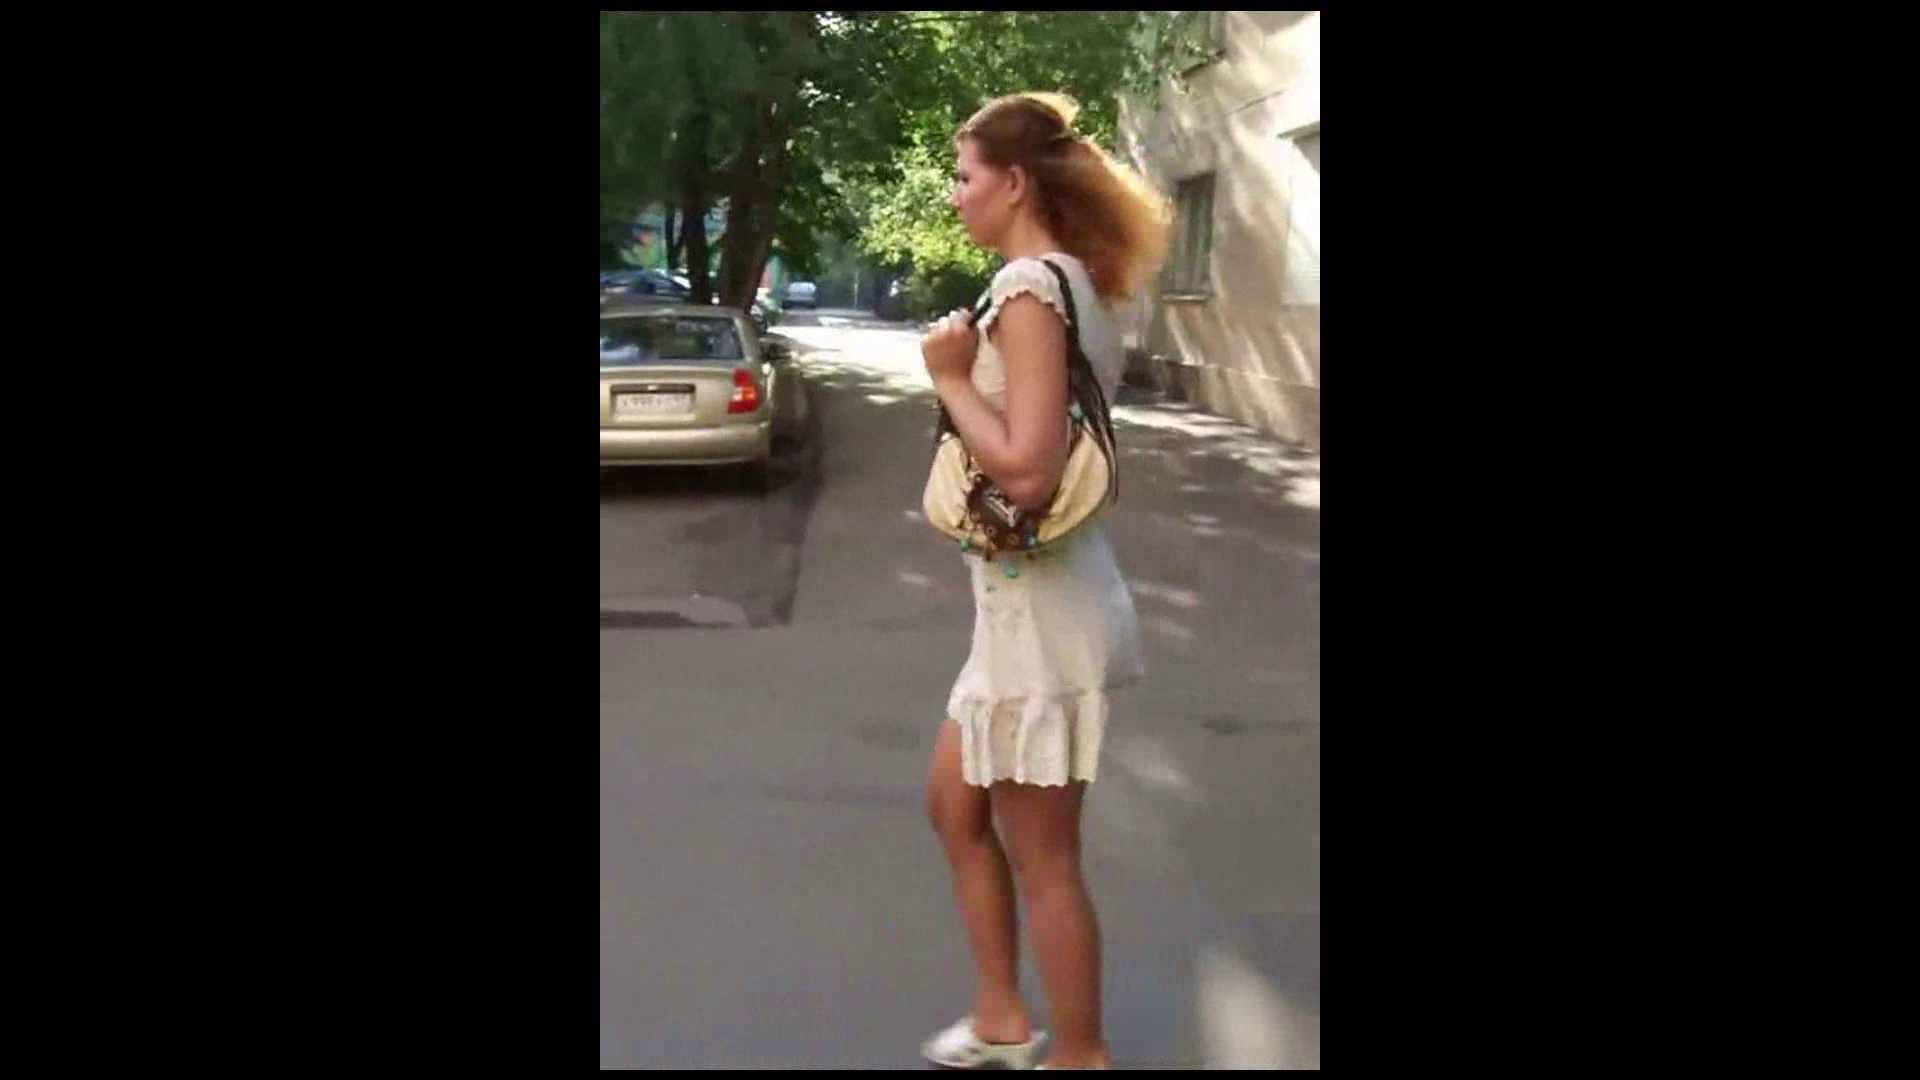 綺麗なモデルさんのスカート捲っちゃおう‼vol03 お姉さんのエロ動画  101PIX 70